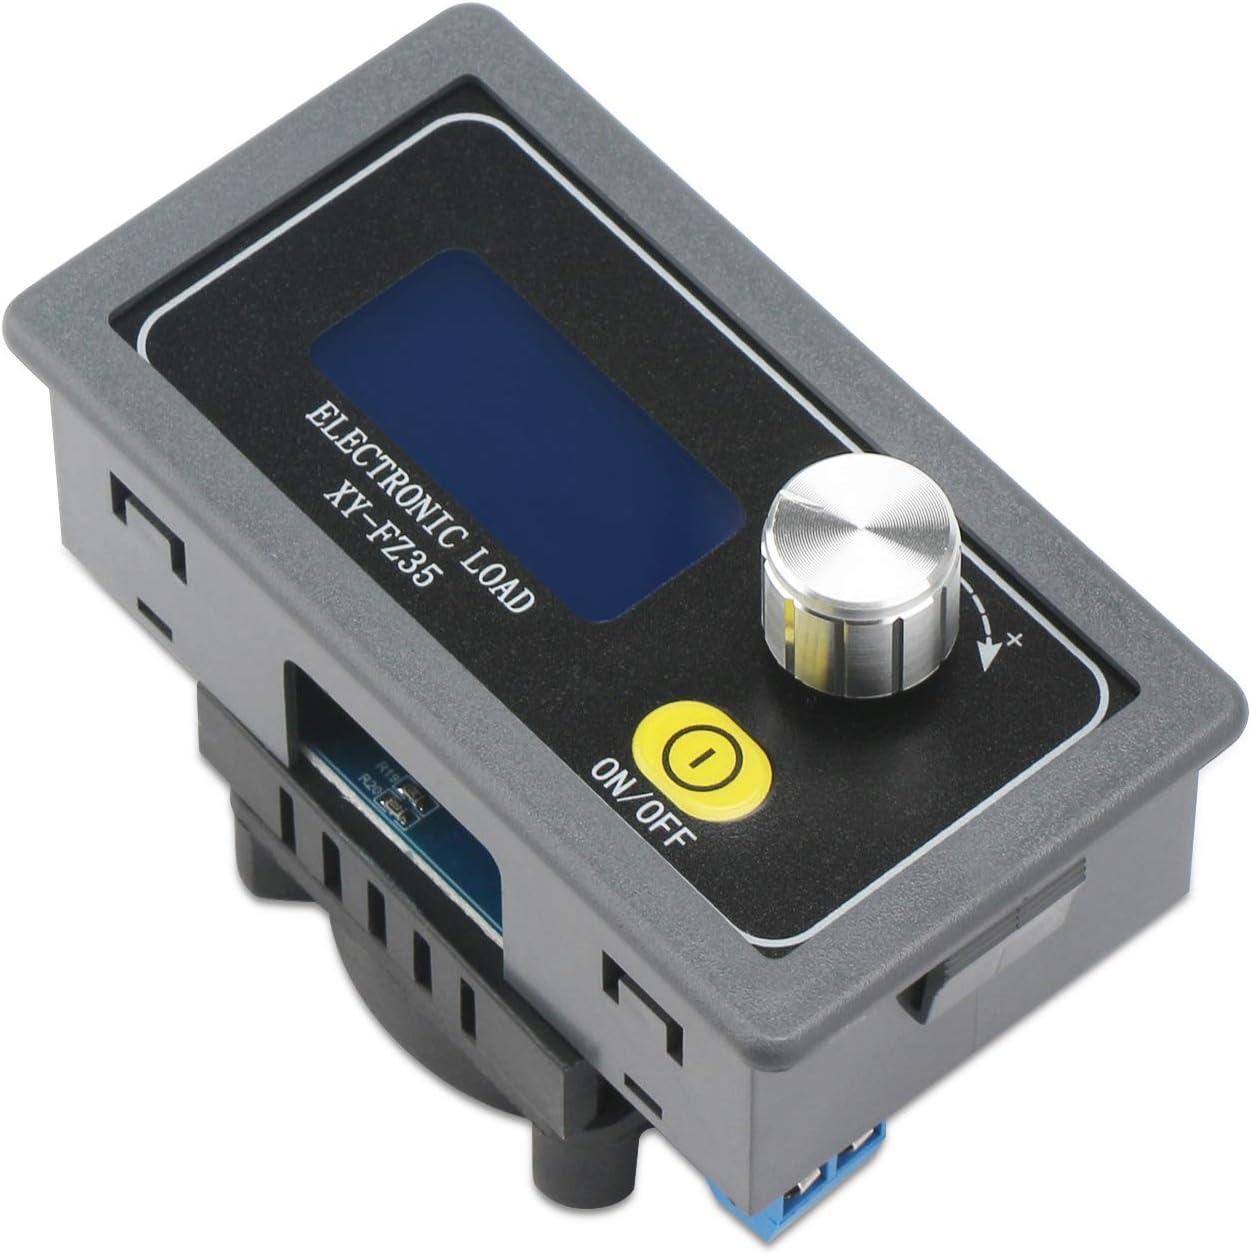 Droking Elektronische Last 5A 35W Batterielasttester Widerstandsmodul Netzteil Alterung Einstellbar DC Elektronische Kapazit/ätsalterung Entladungsdetektor Monitor Widerstandsplatine